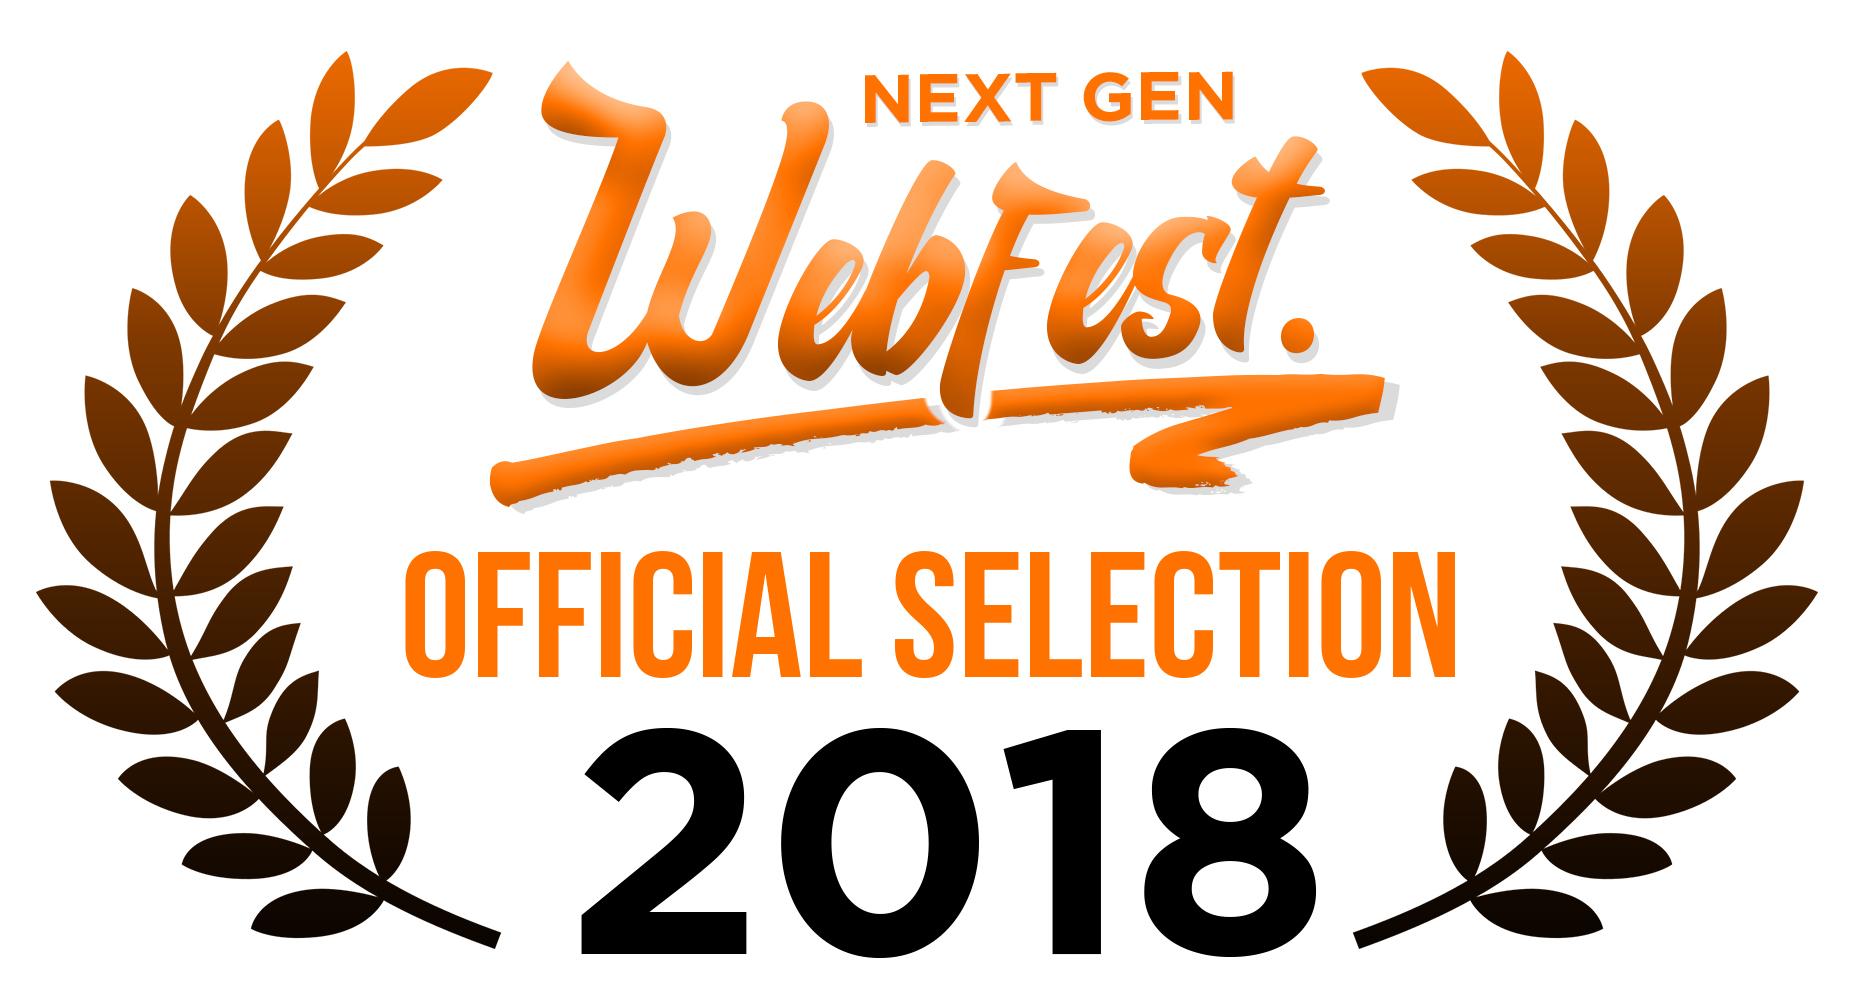 Webfest Laurels Official Selection 2018.jpg